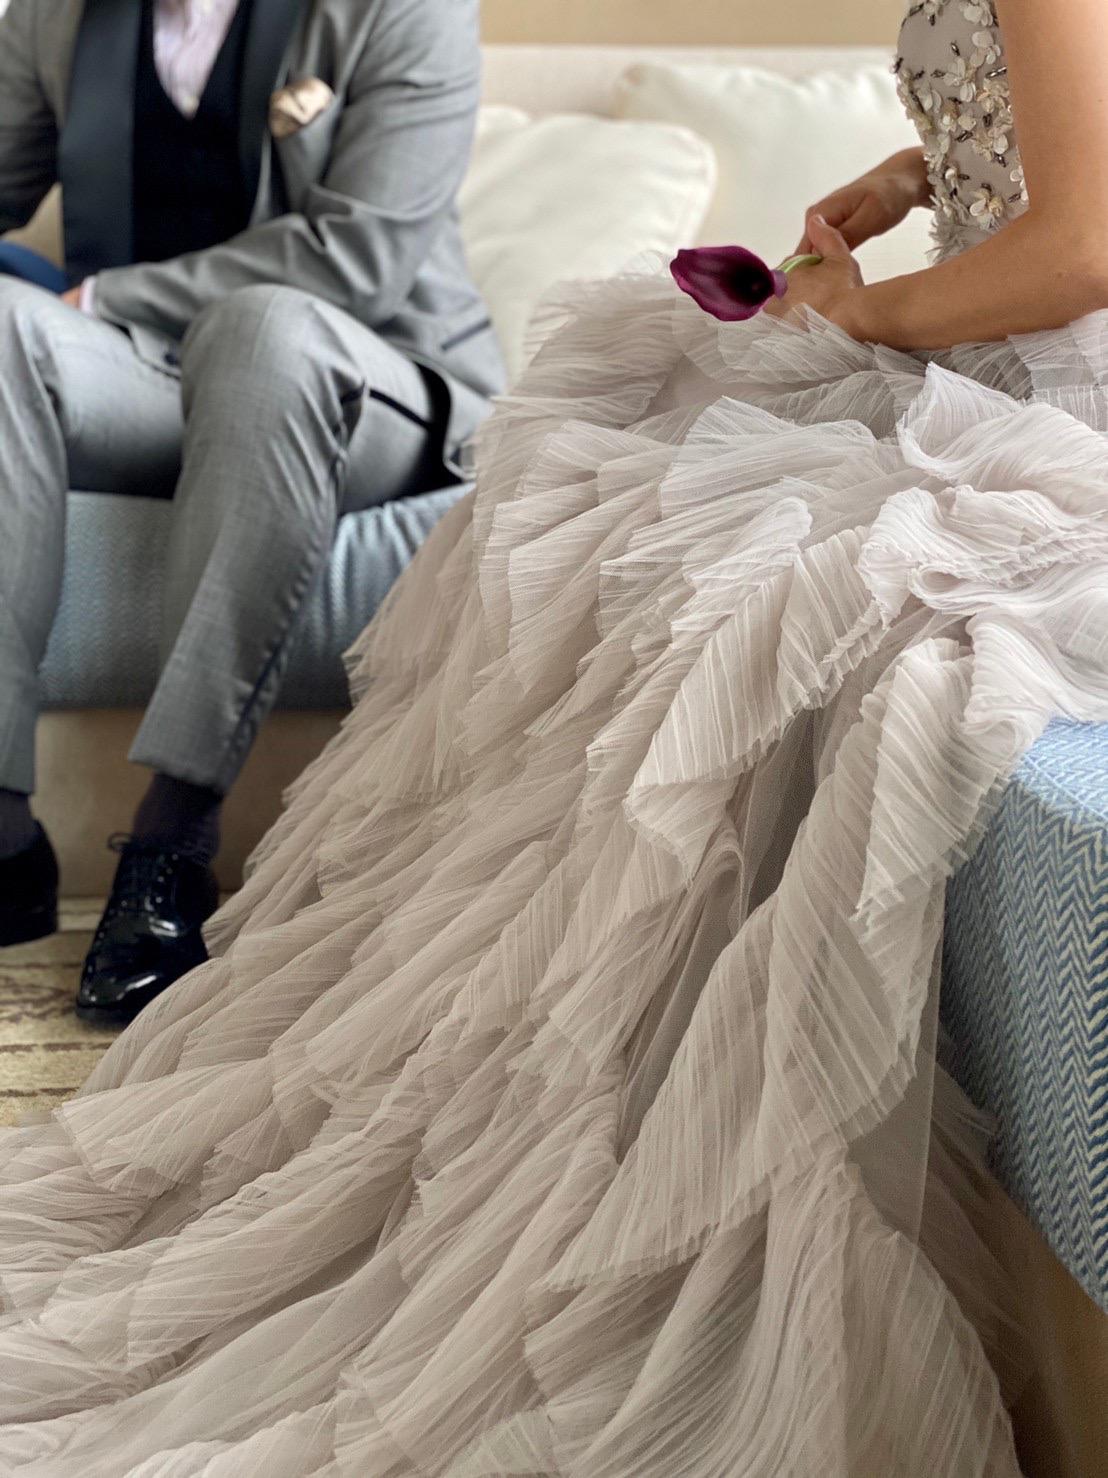 ザ・トリート・ドレッシング神戸店がお取り扱いするトリートメゾンのスカートのプリーツフリルと胸元のビジューがゴージャスな新作カラードレスのご紹介